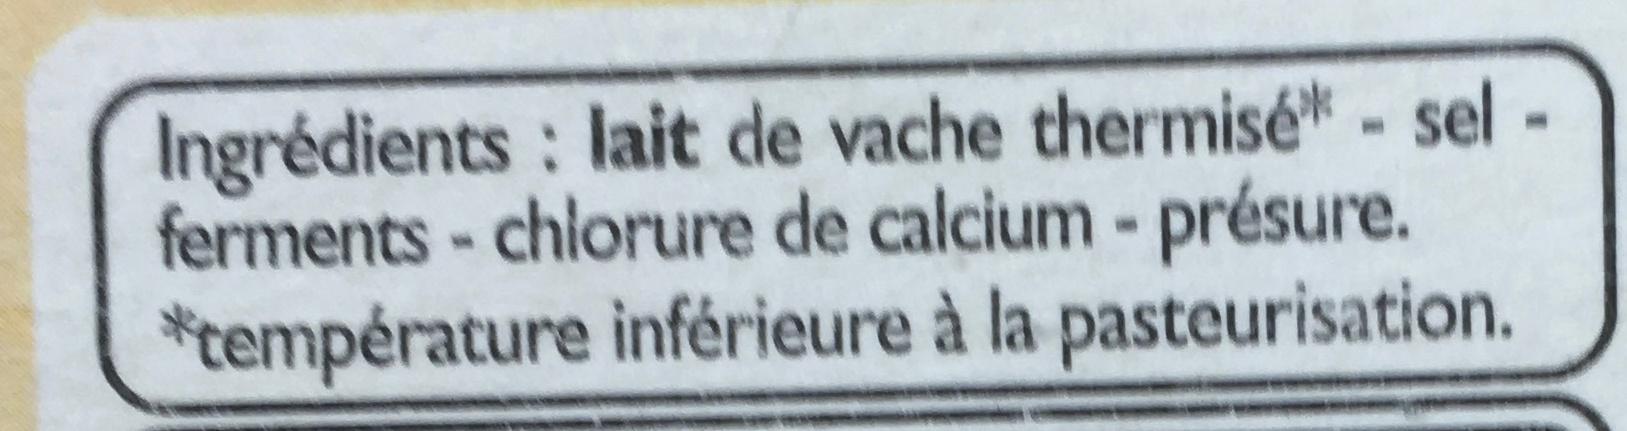 Camembert moulé à la louche - Ingrédients - fr